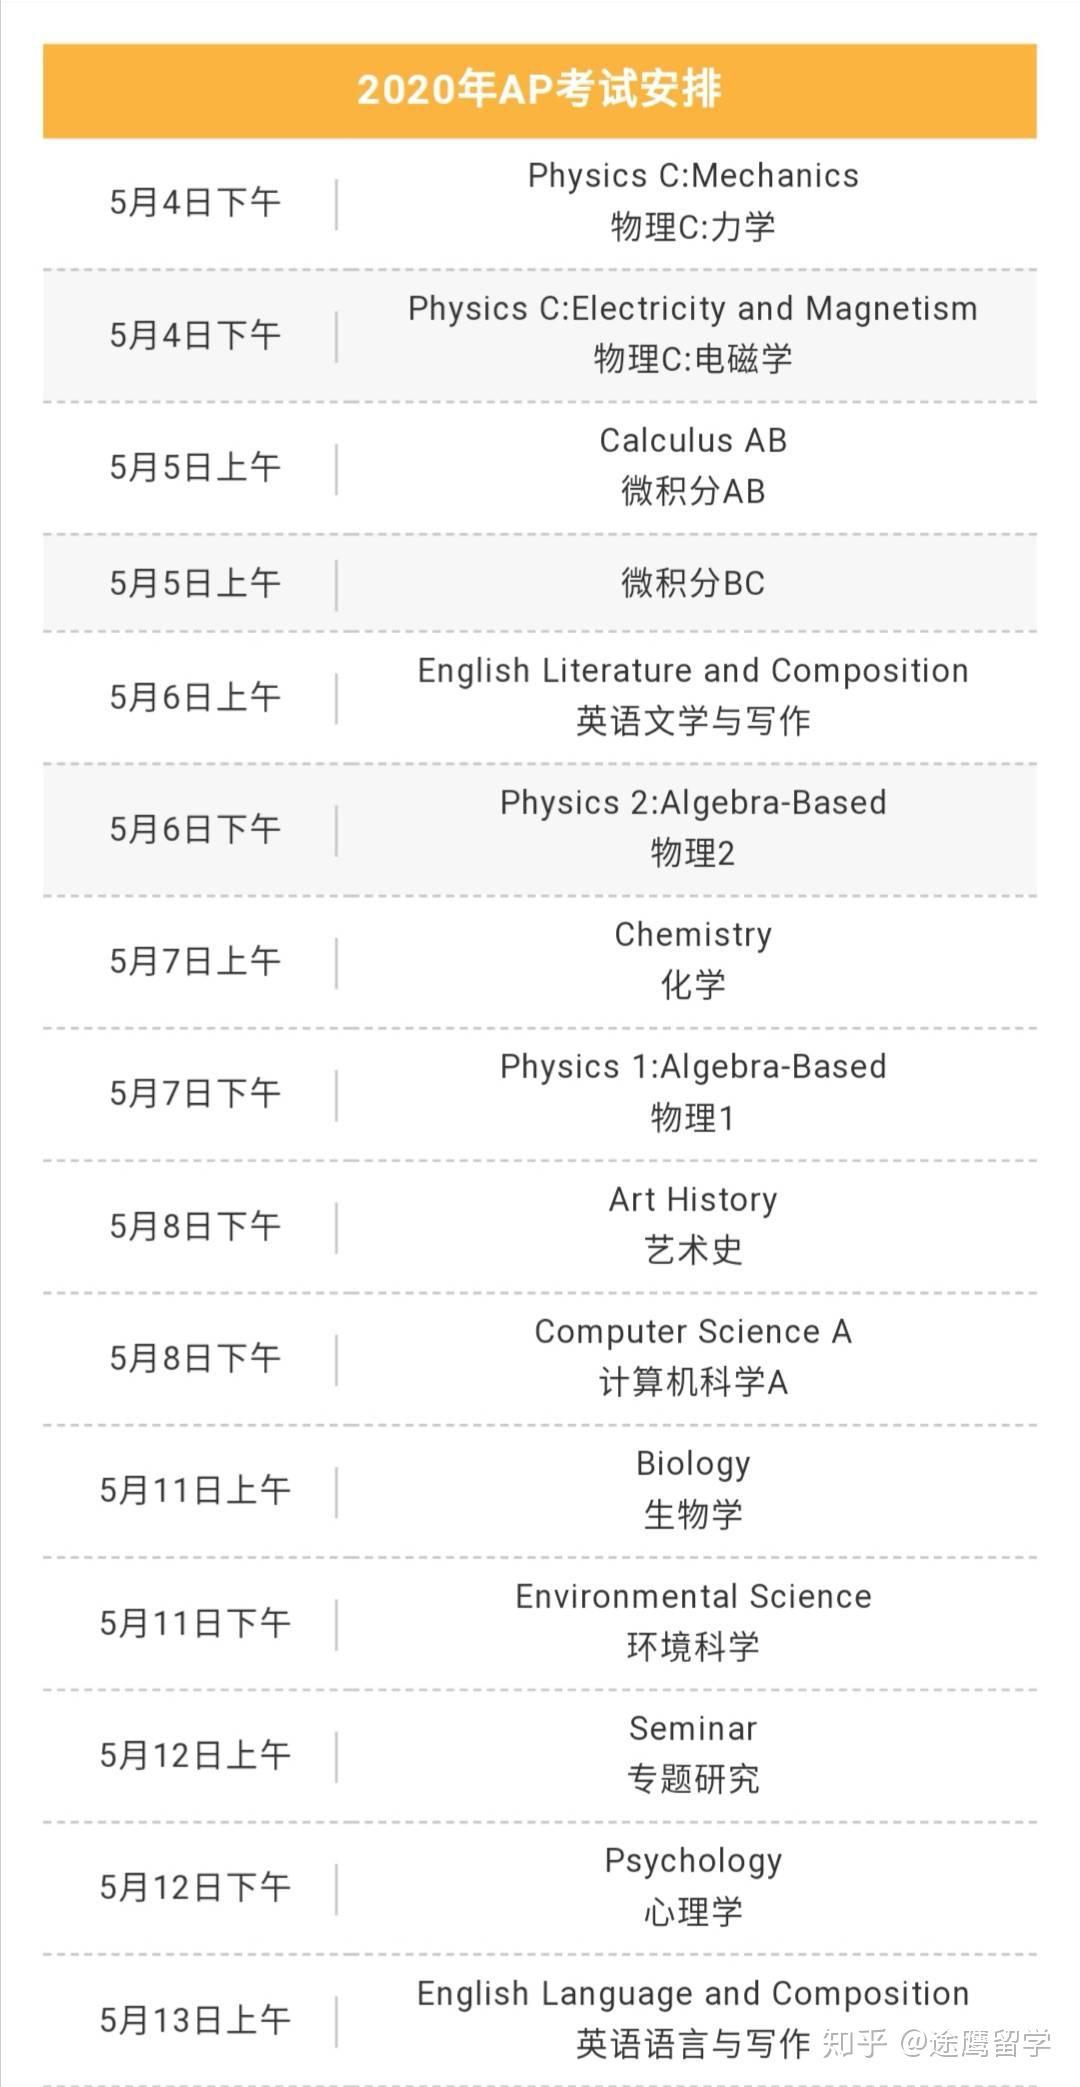 考试时间(图5)